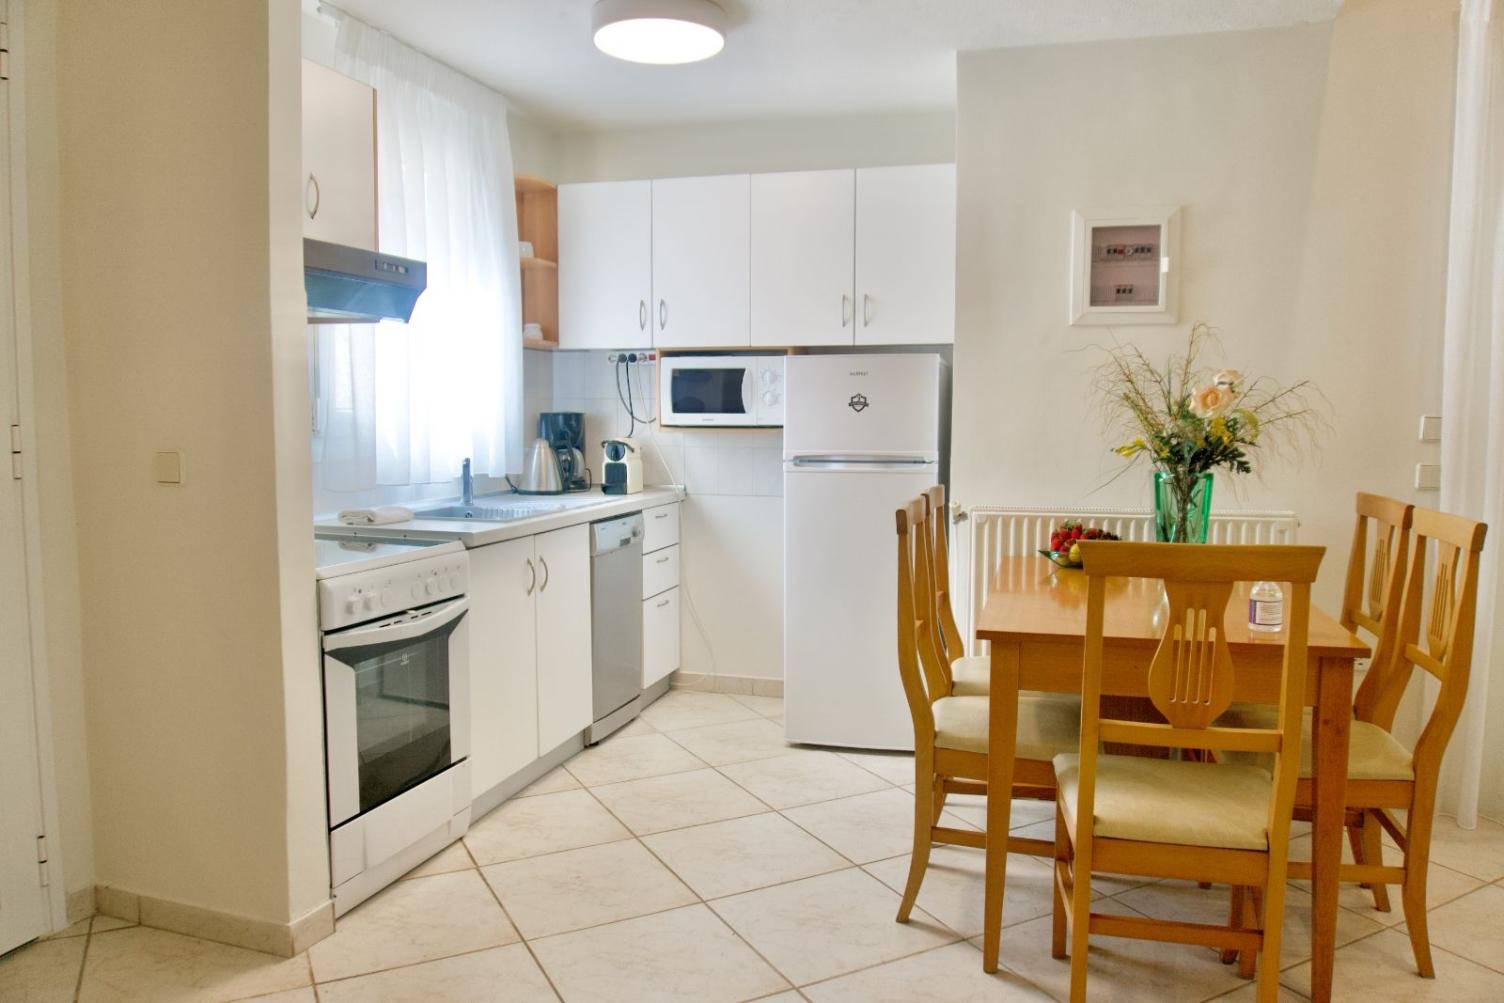 Πλήρως εξοπλισμένη κουζίνα και τραπεζαρία